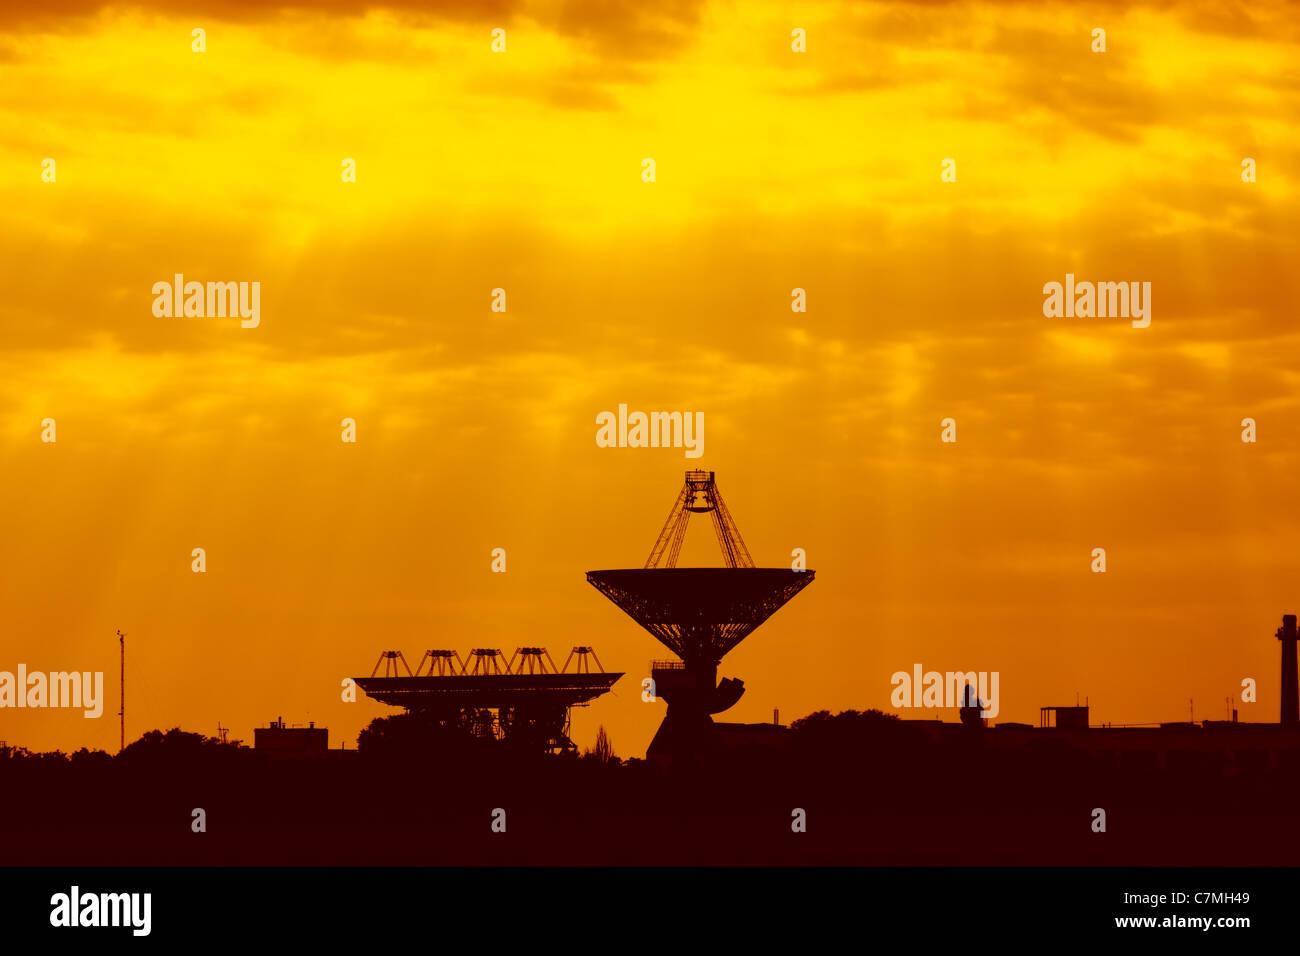 Antennes pour les communications spatiales au coucher du soleil. Centre spatial de l'Ukraine Photo Stock